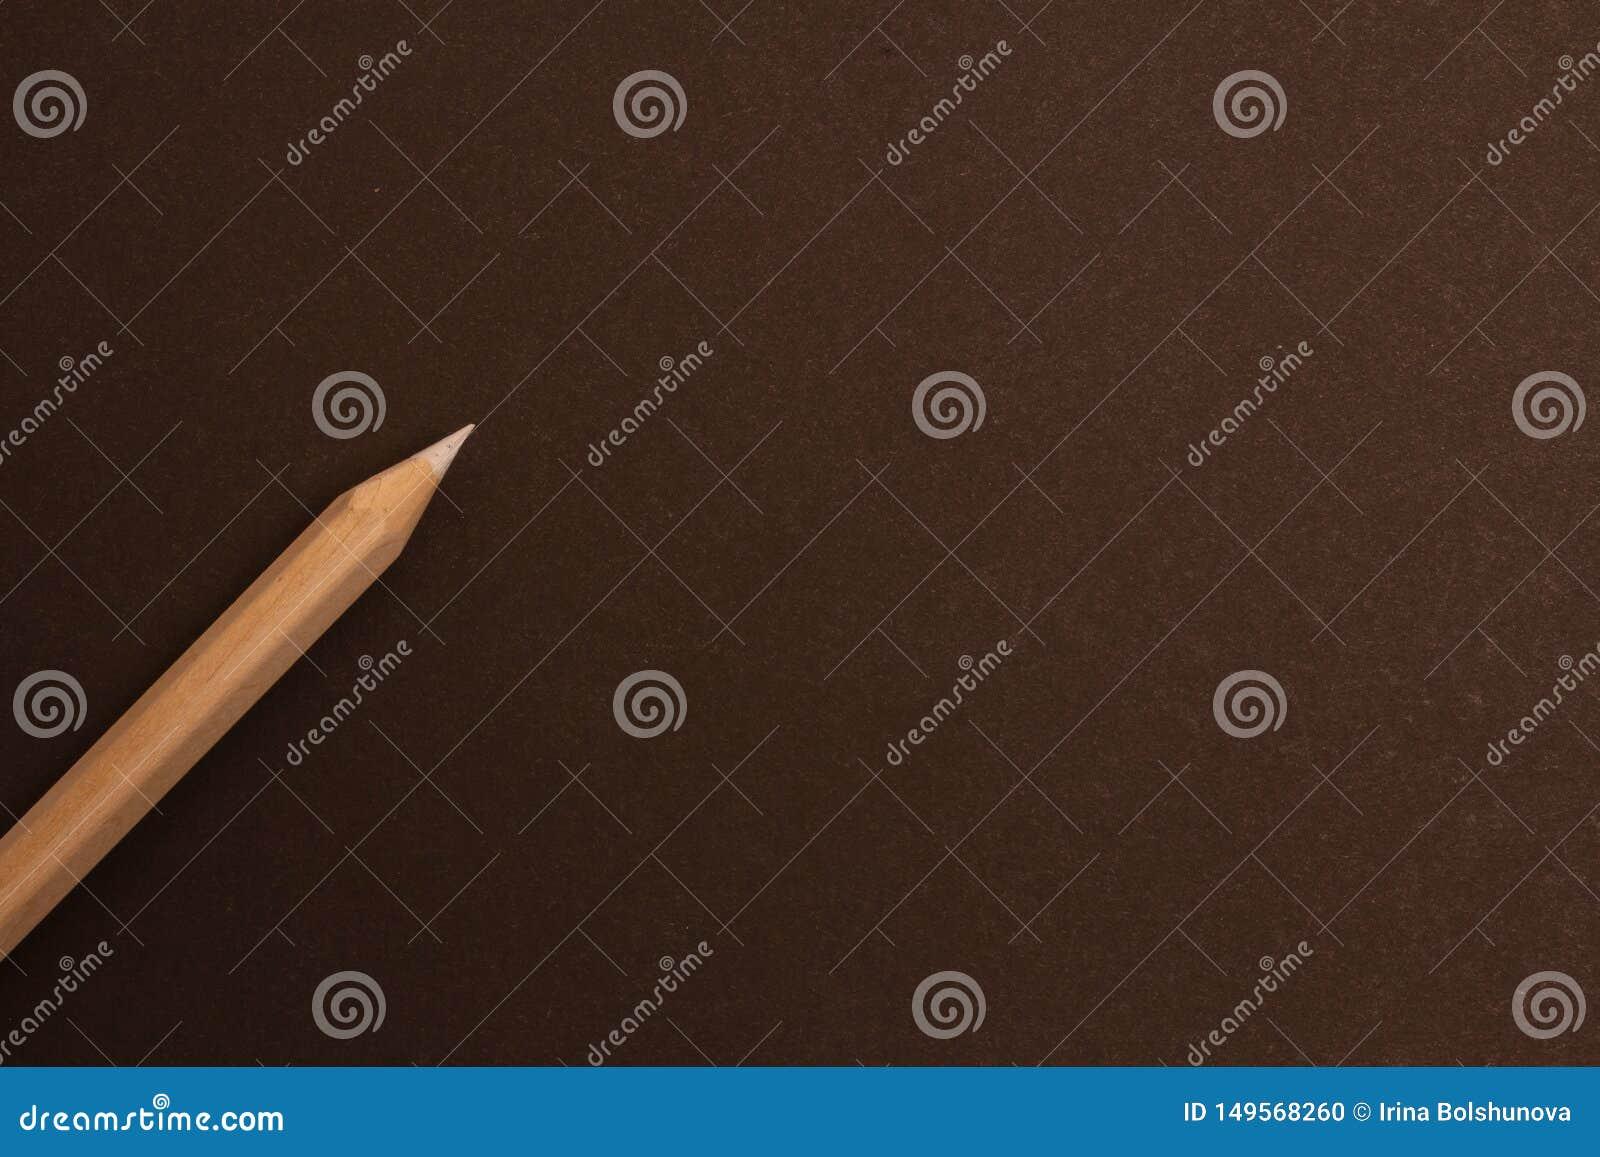 Wei?er Bleistift liegt diagonal auf einem schwarzen Hintergrund